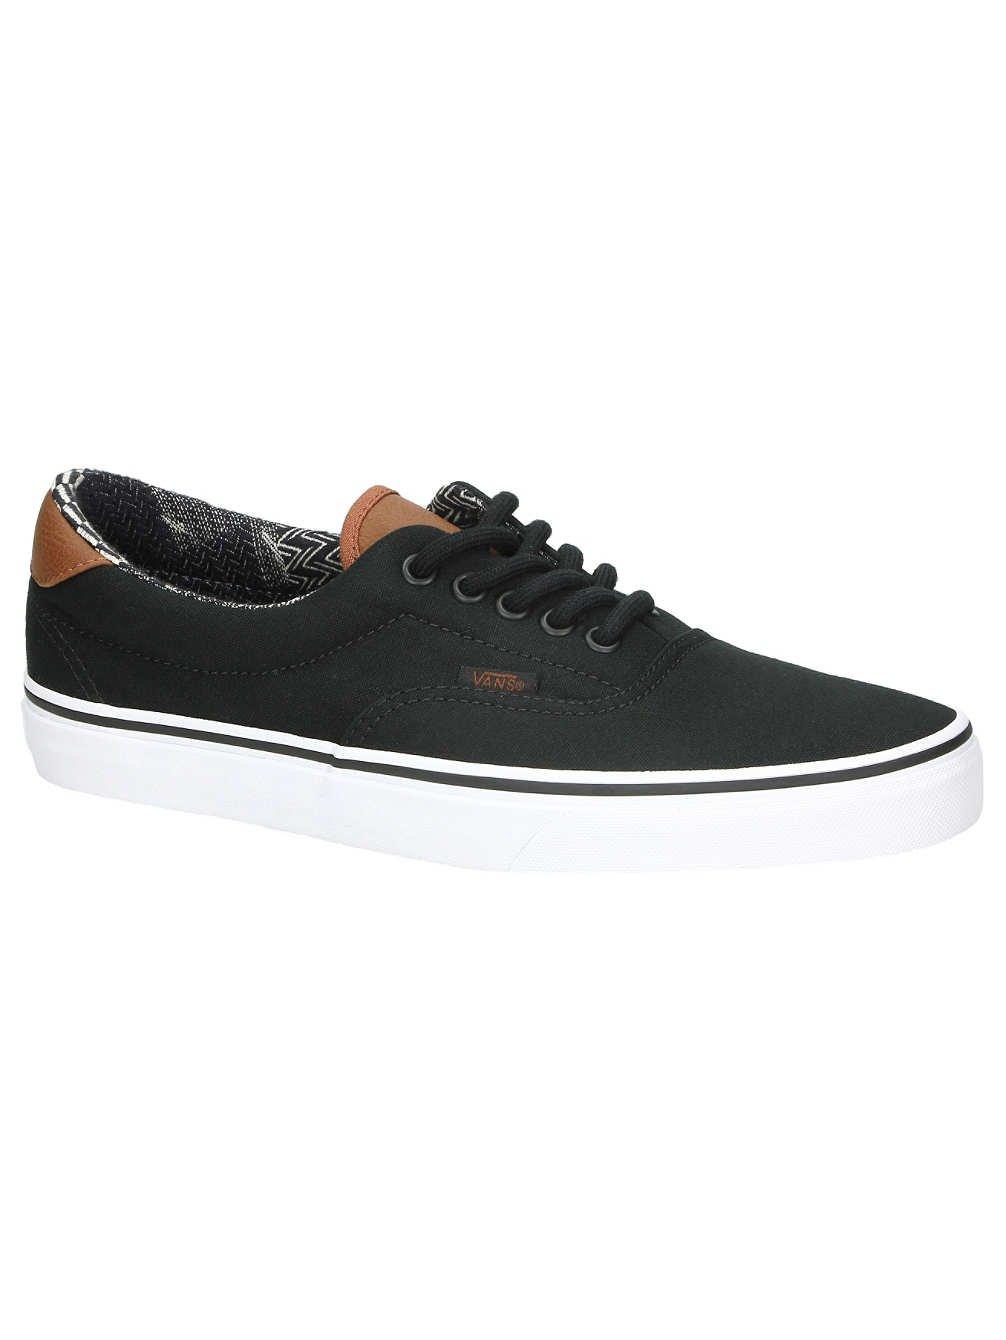 Vans - Unisex-Adult Era 59 Shoes, Size: 6.5 D(M) US Mens/8 B(M) US Womens, Color: (C&L) Black/Material Mix by Vans